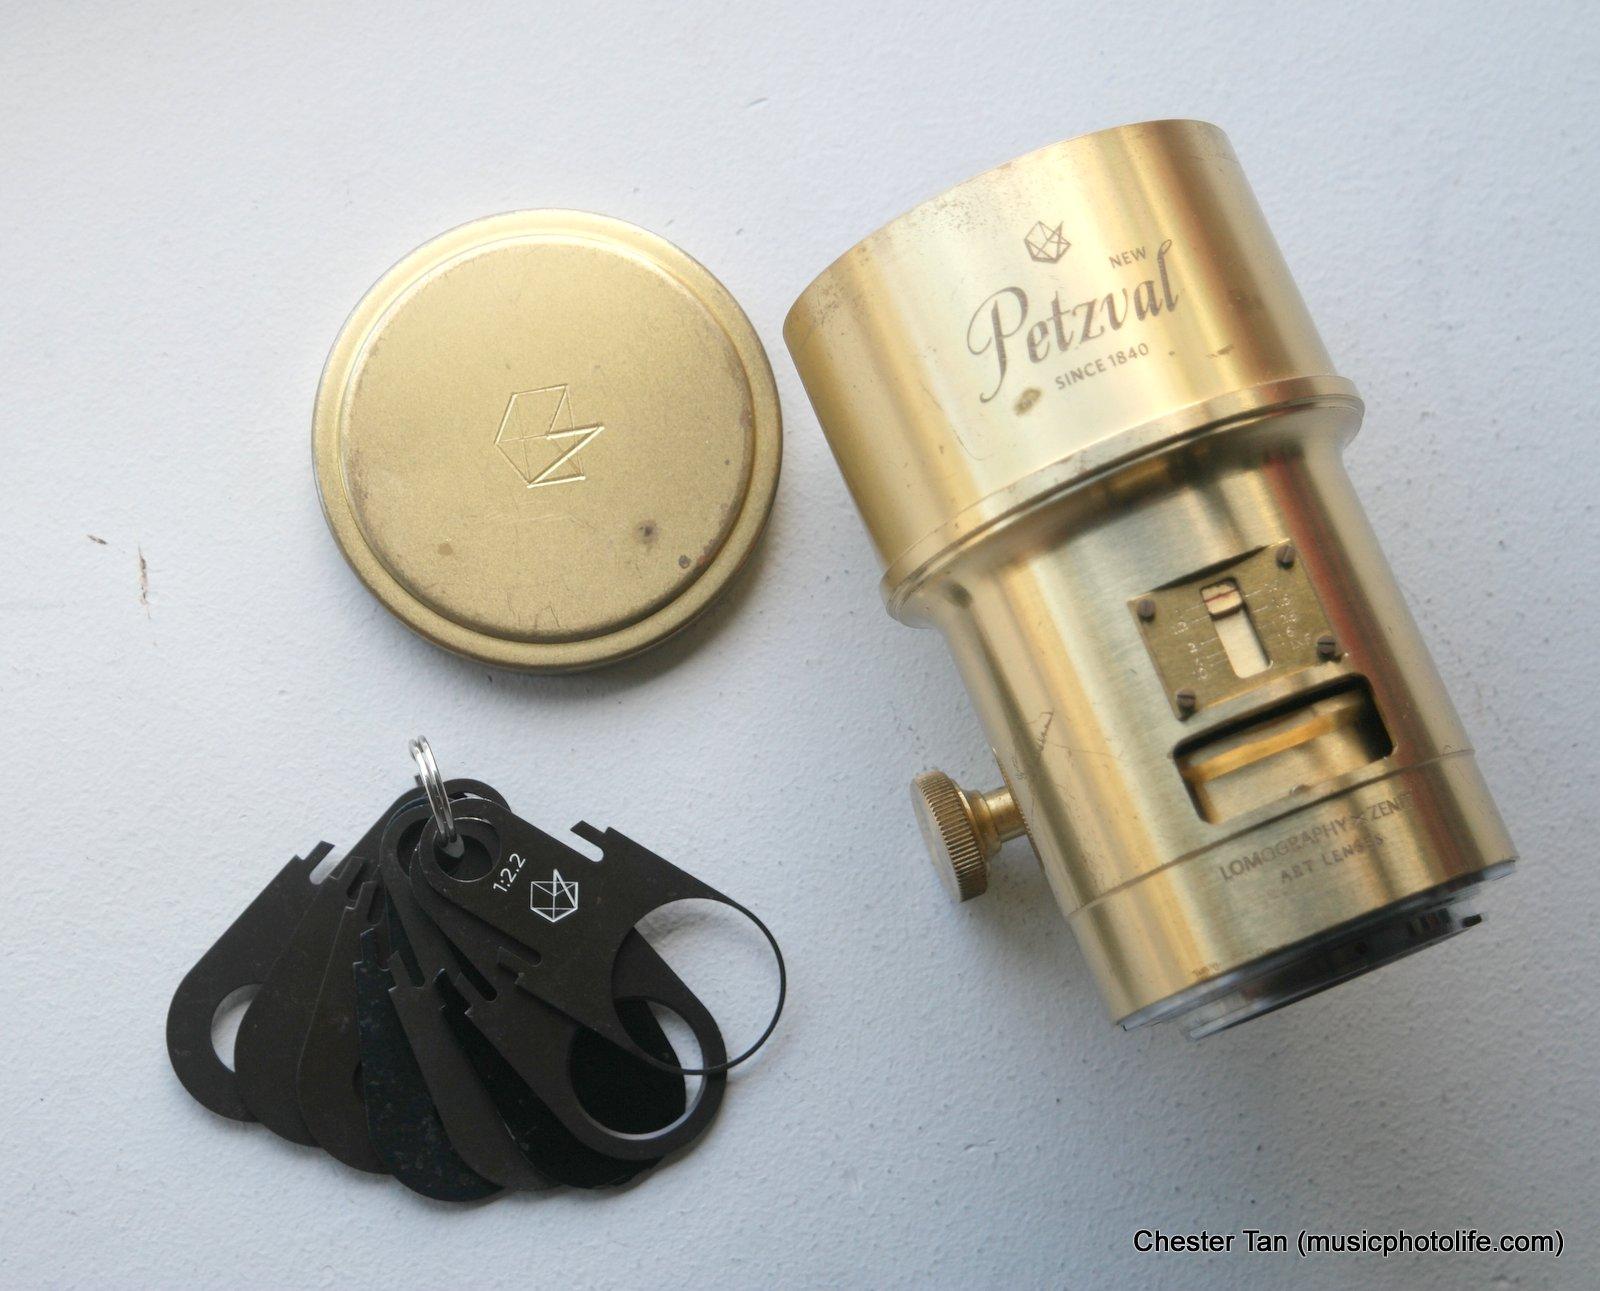 Petzval 85 Lens Review by musicphotolife.com